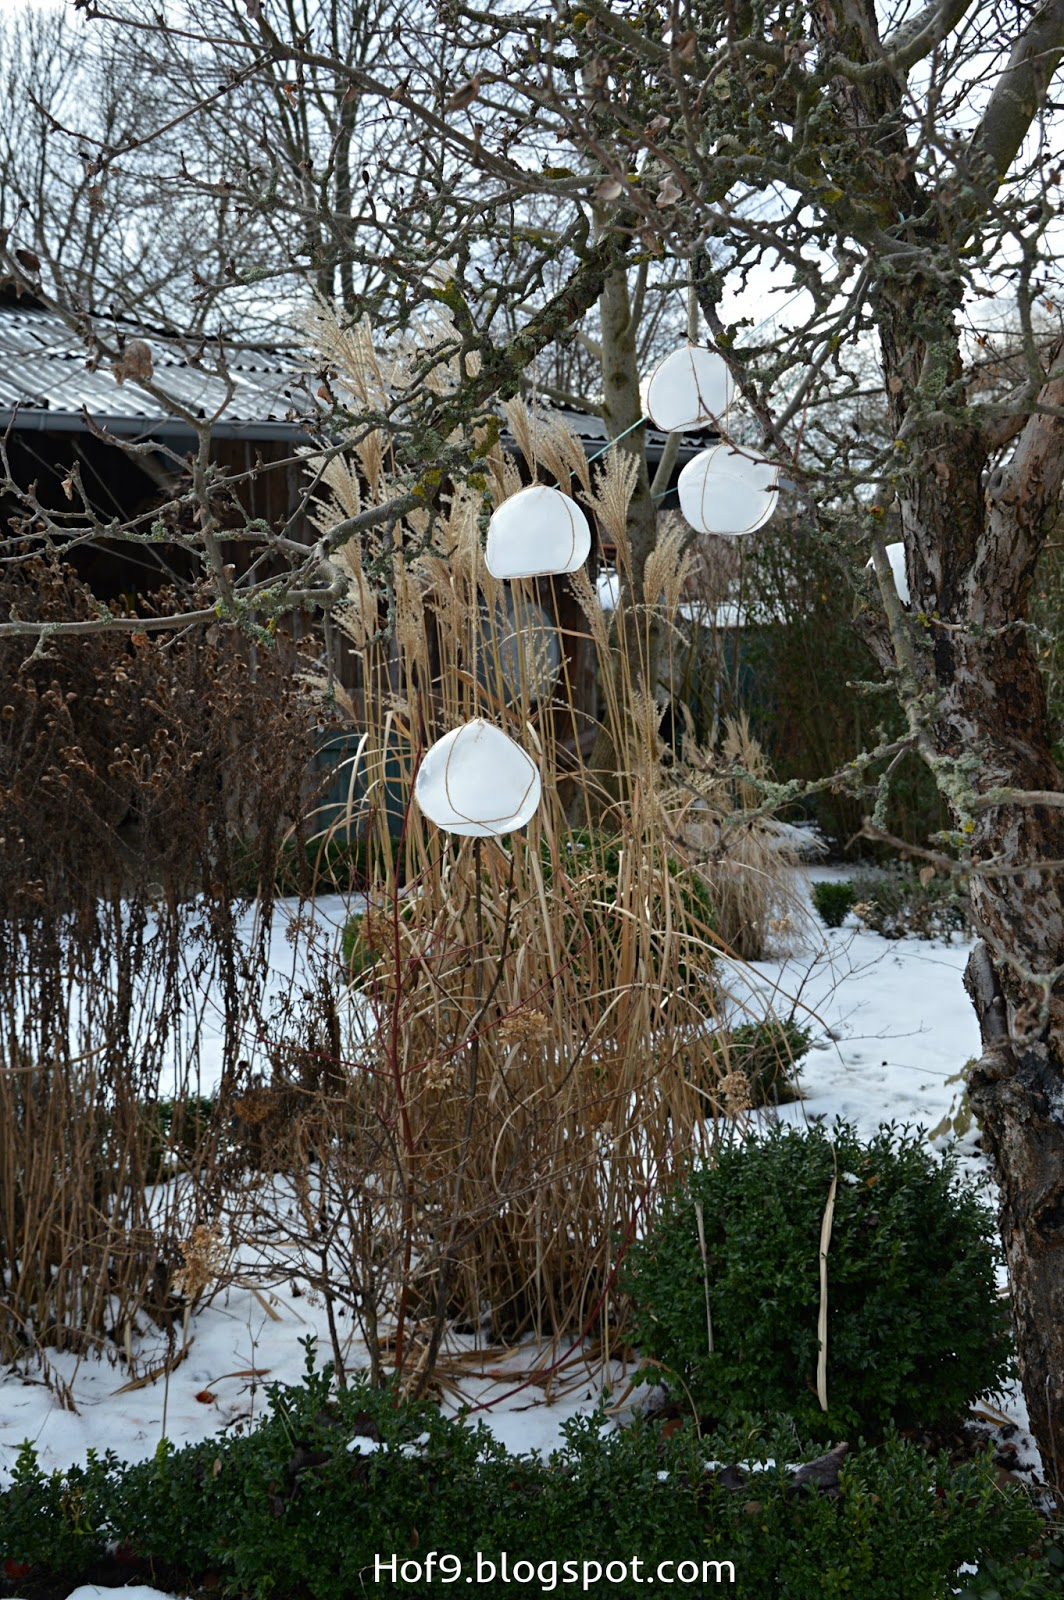 Hof 9 eiskugel diy oder etwas deko muss in den garten - Winterdeko garten ...